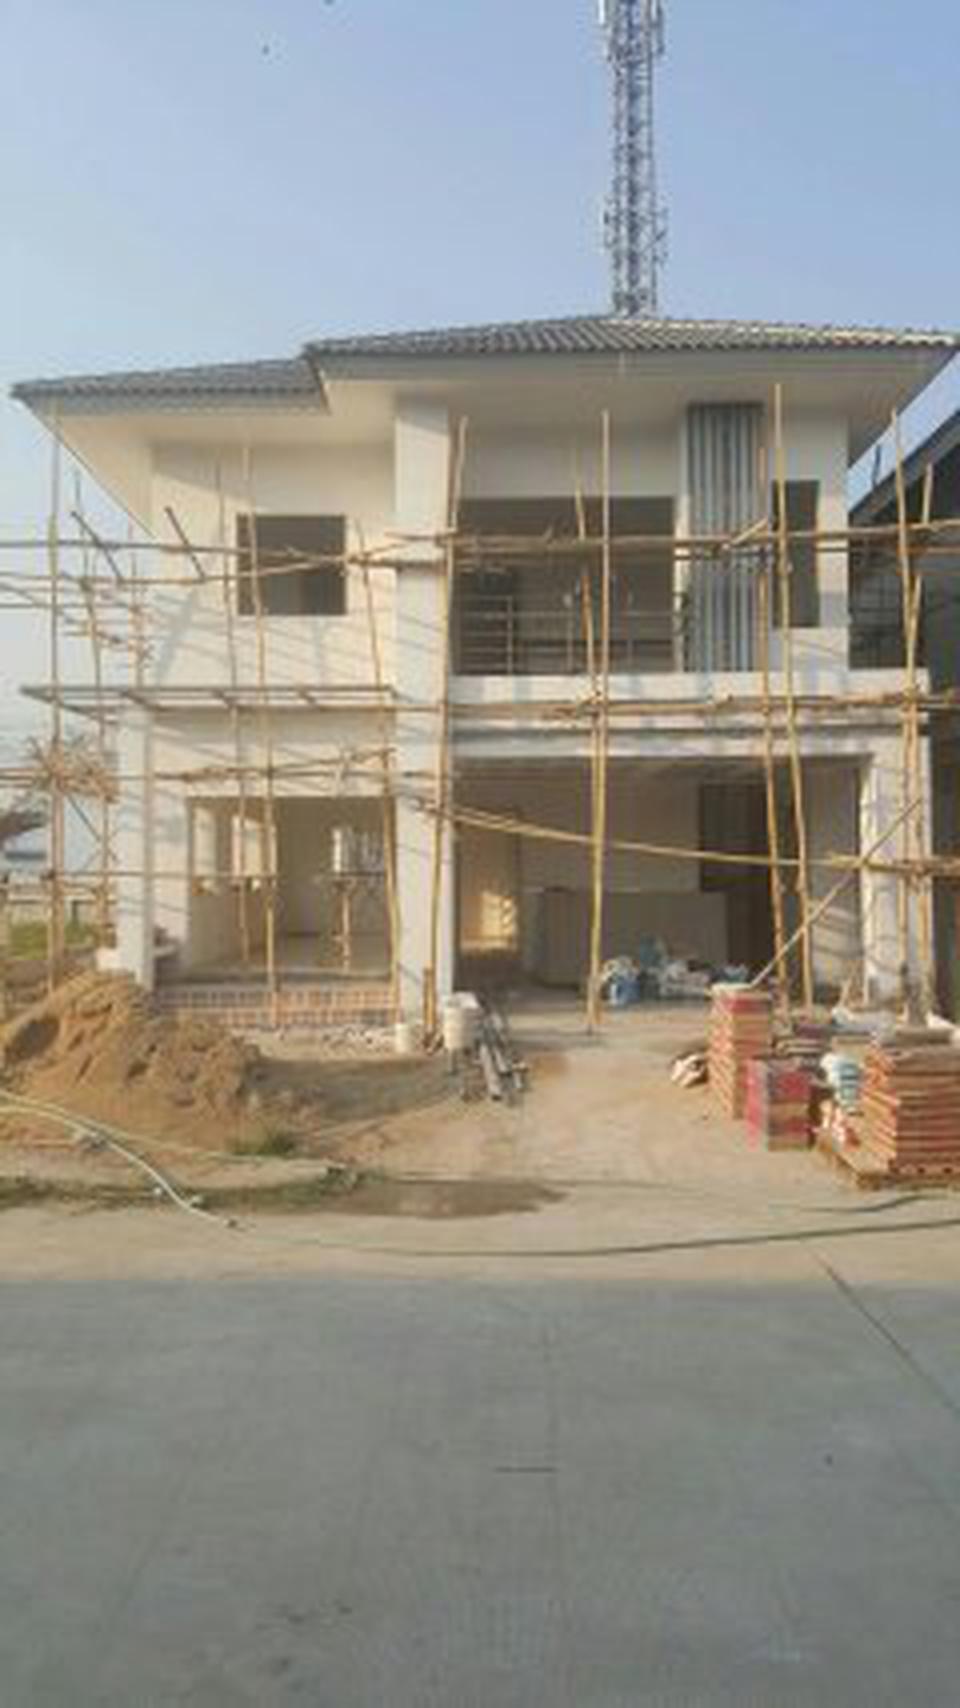 บ้านเดี่ยวเชียงใหม่ในหมู่บ้านบุรีทาน่า รูปที่ 4